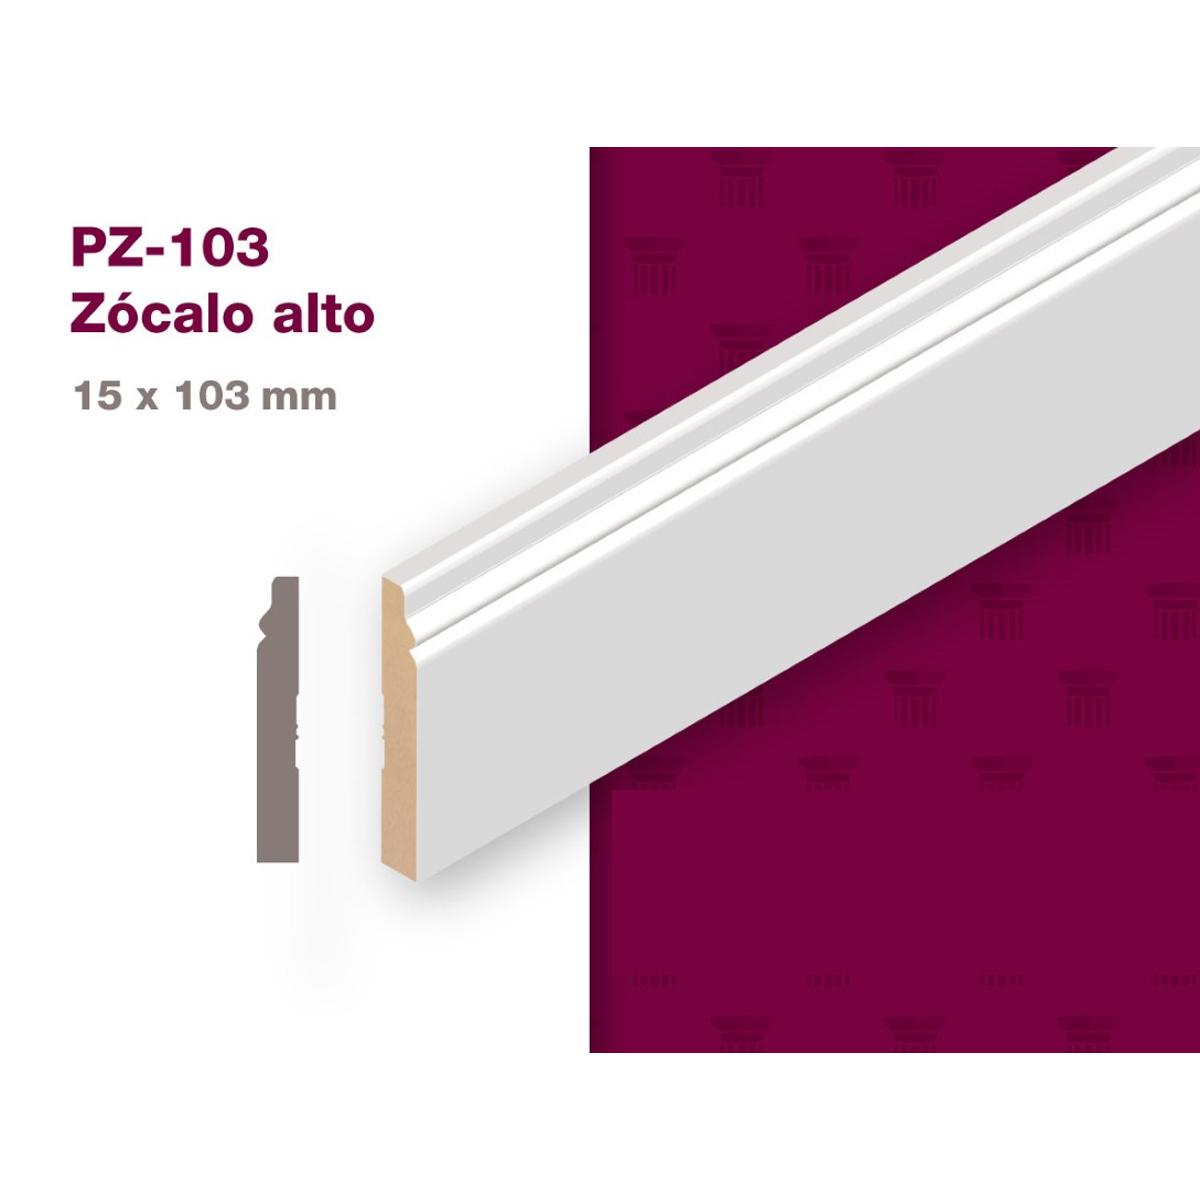 ZOCALO MDF PREPINTADO/15X103x2.75 PZ-103